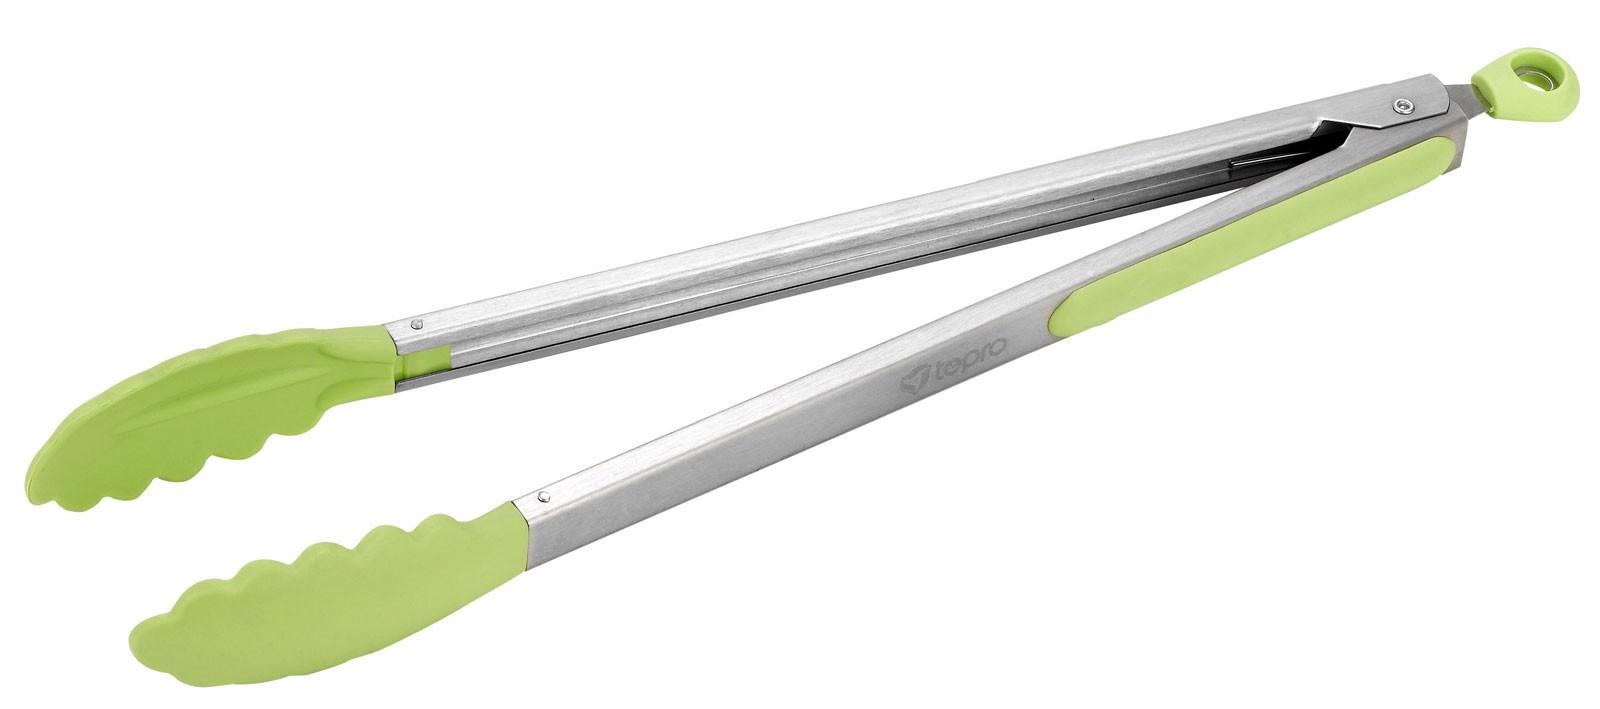 Grillzange Tepro Edelstahl / Silikon grün Länge 40 cm Bild 1